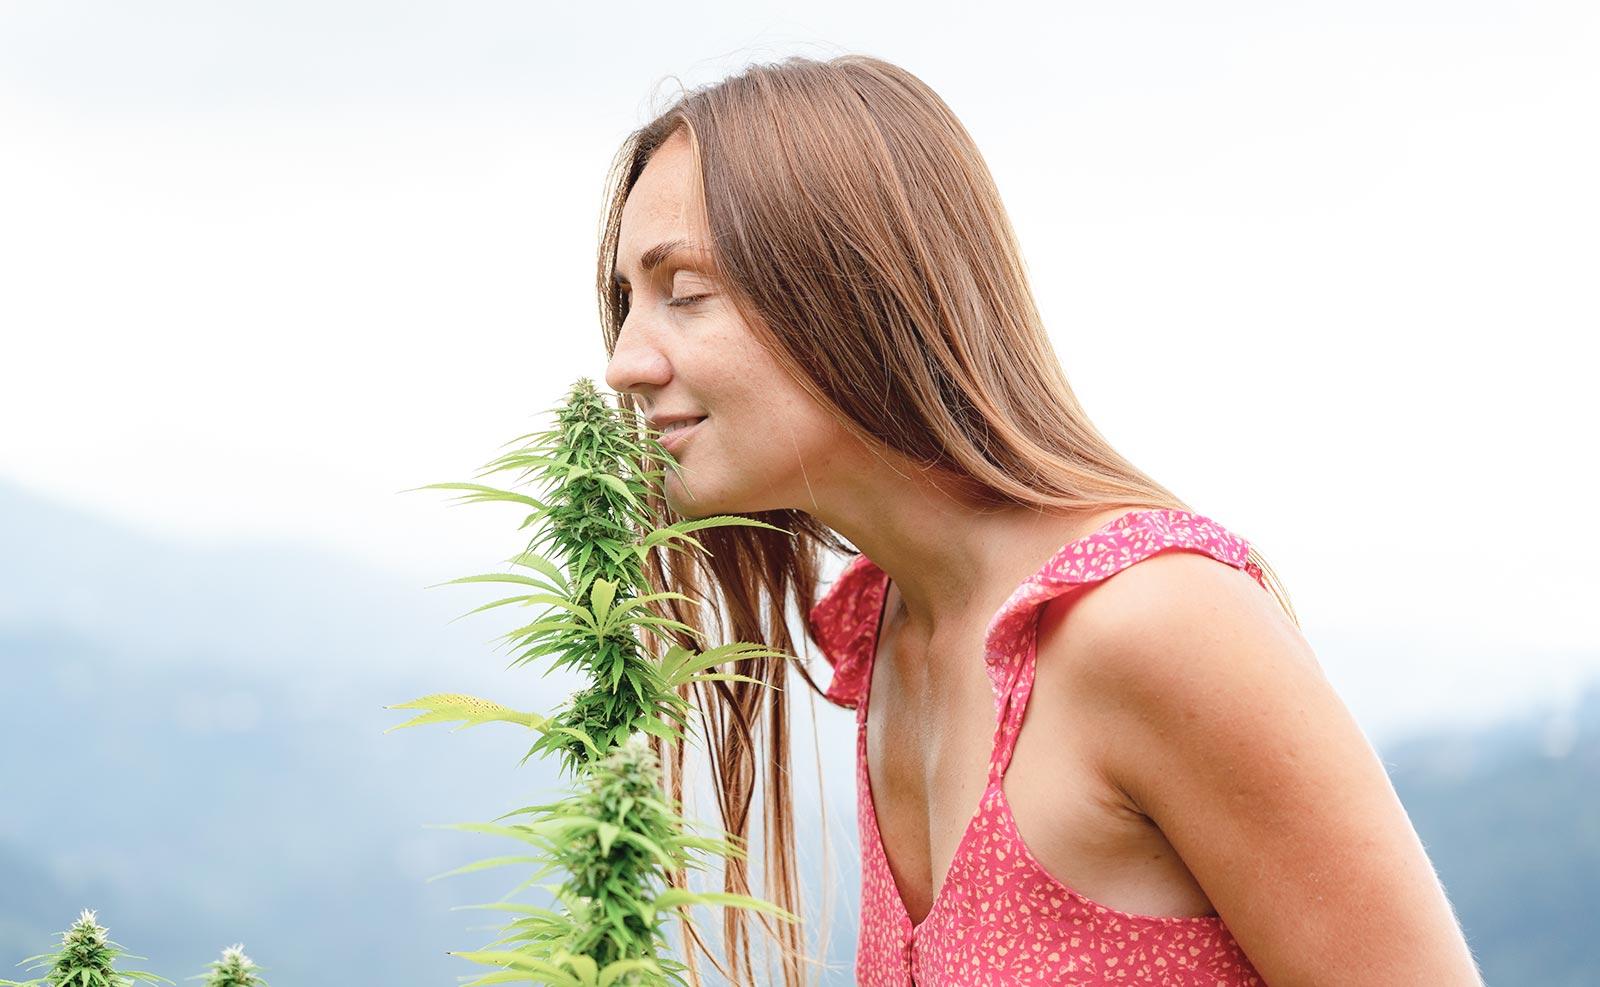 Choosing Cannabis